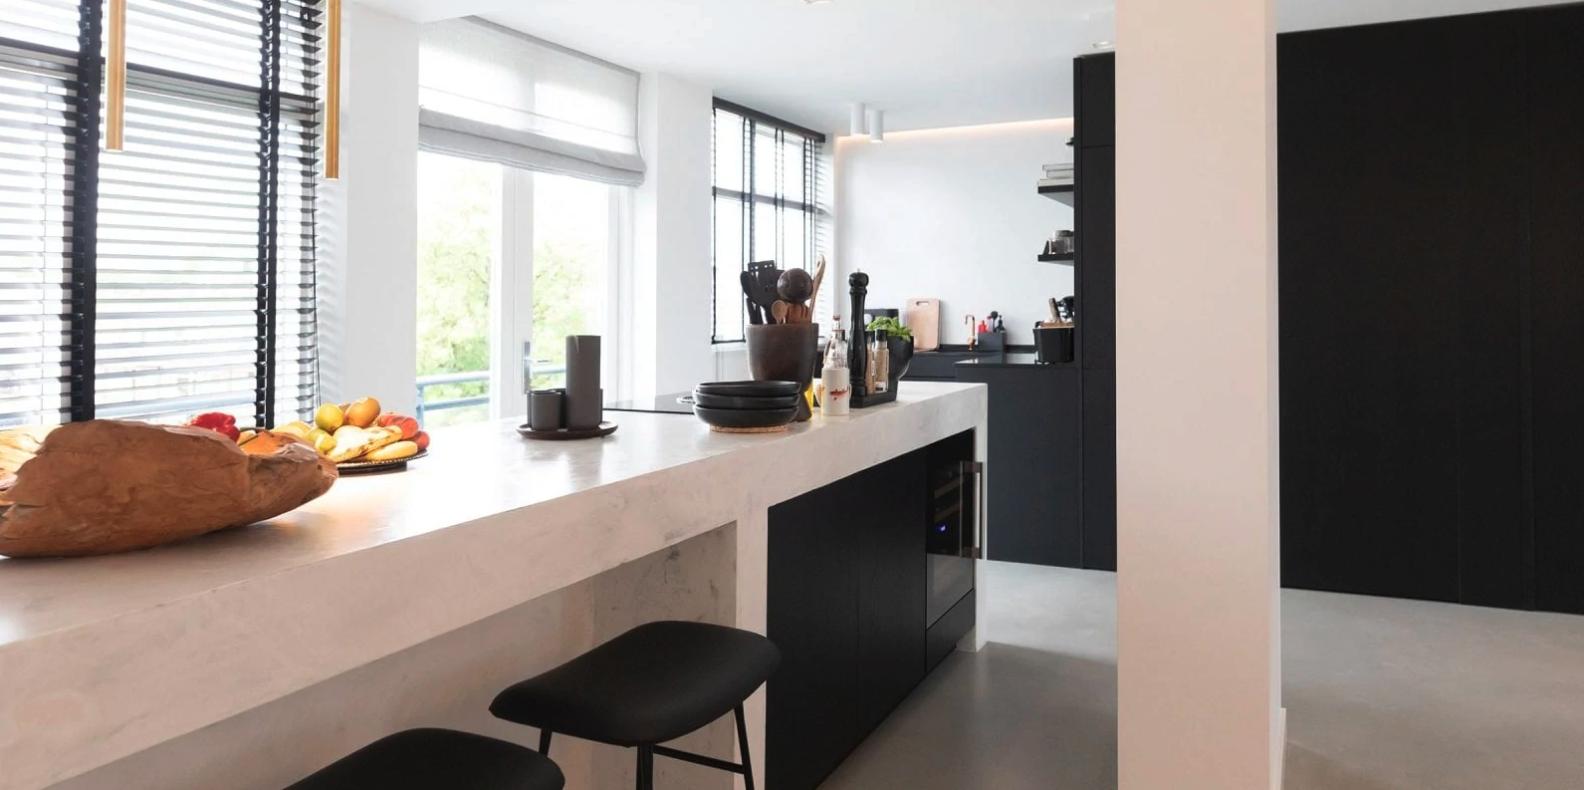 Keuken op maat in Rotterdam én door heel Nederland laten maken